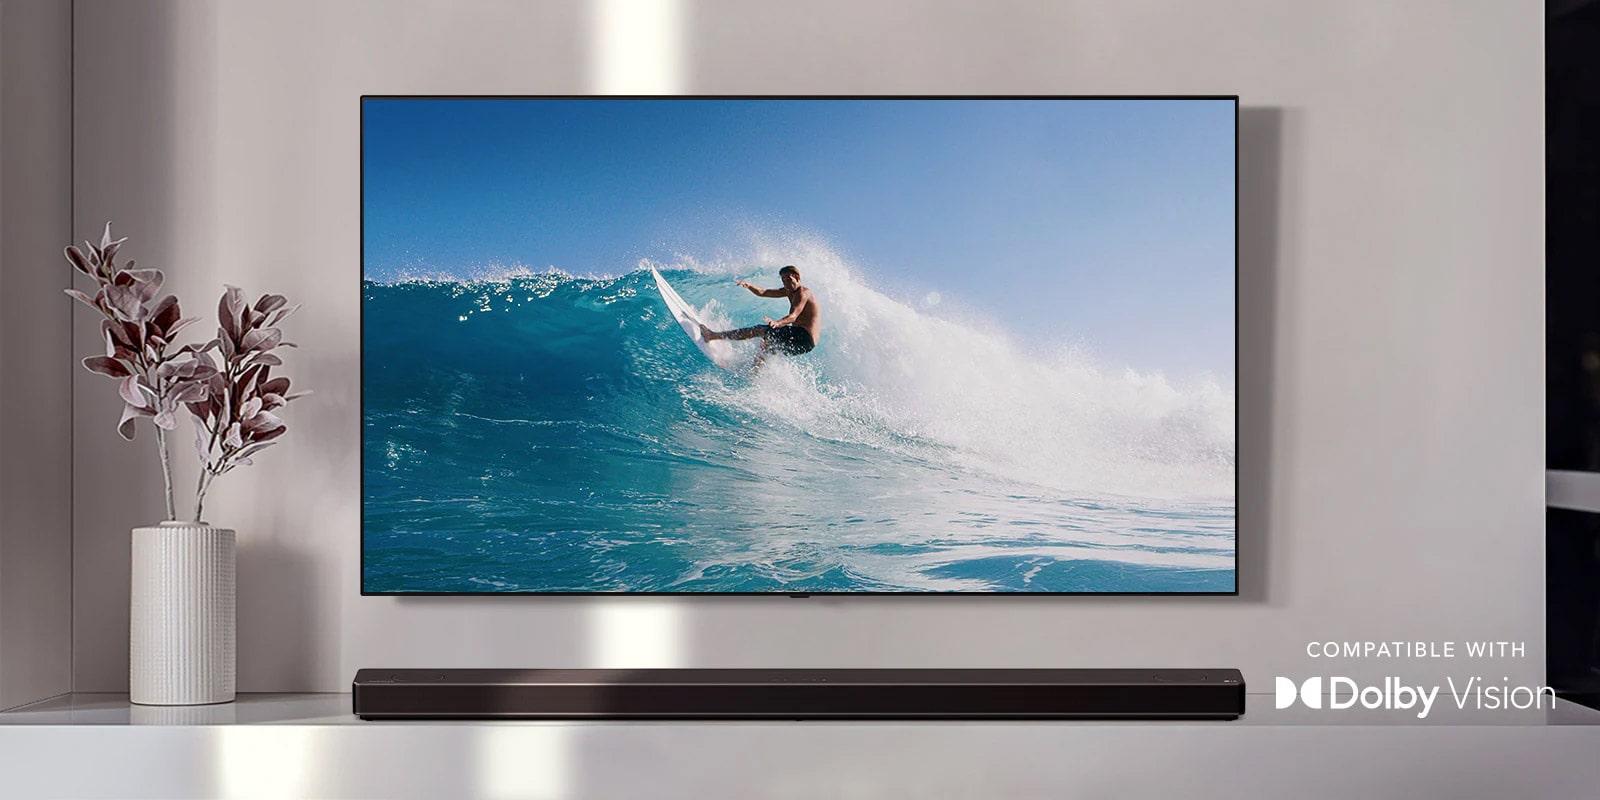 TV treo trên tường. Tv thể hiện một người đàn ông đang lướt trên con sóng lớn. LG Soundbar nằm ngay bên dưới TV trên kệ trắng. Một chiếc bình với một bông hoa ngay bên cạnh loa soundbar. (phát video)